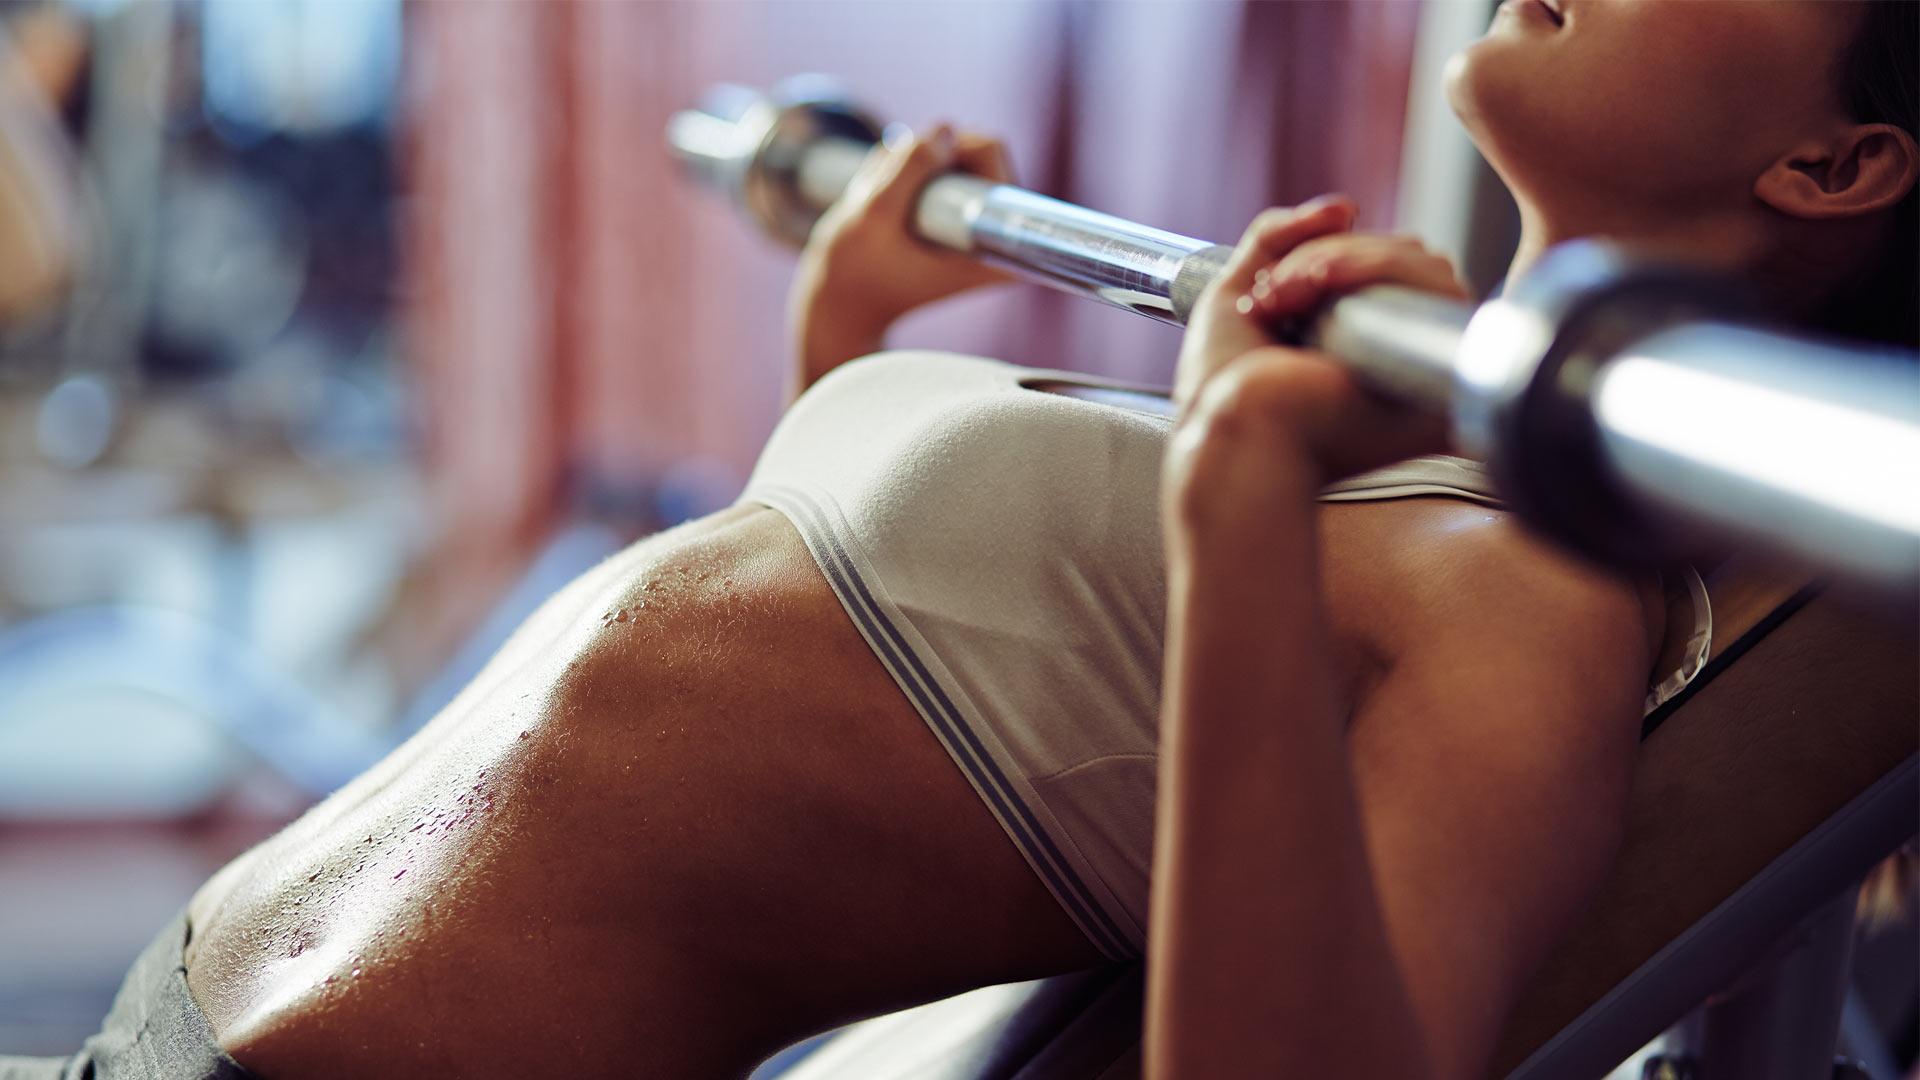 sterke beenspieren